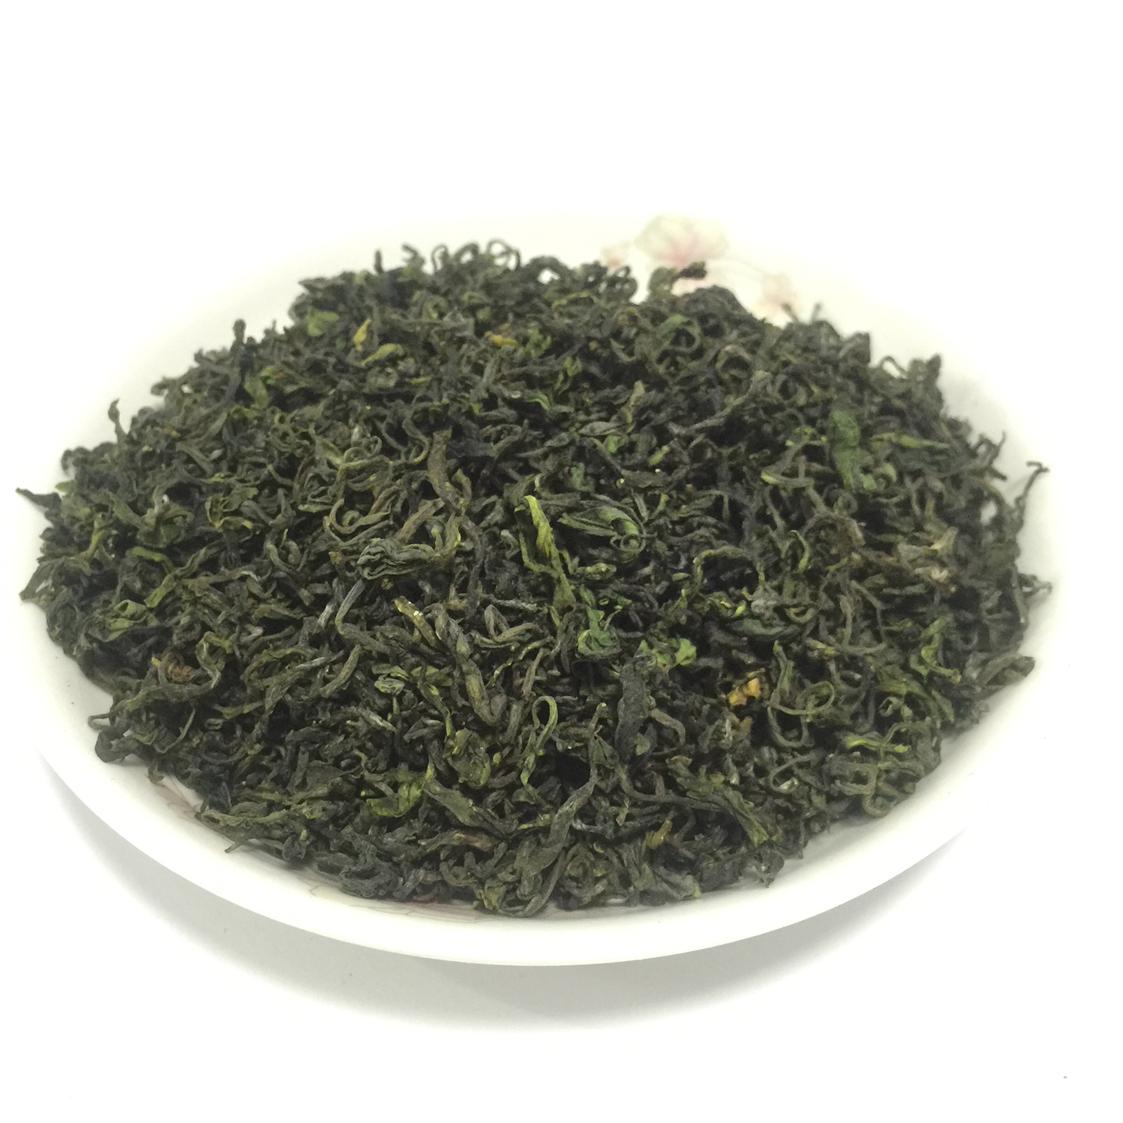 新茶叶春茶青岛特产浓香型特级袋装农家日照 2018 散装 500g 崂山绿茶